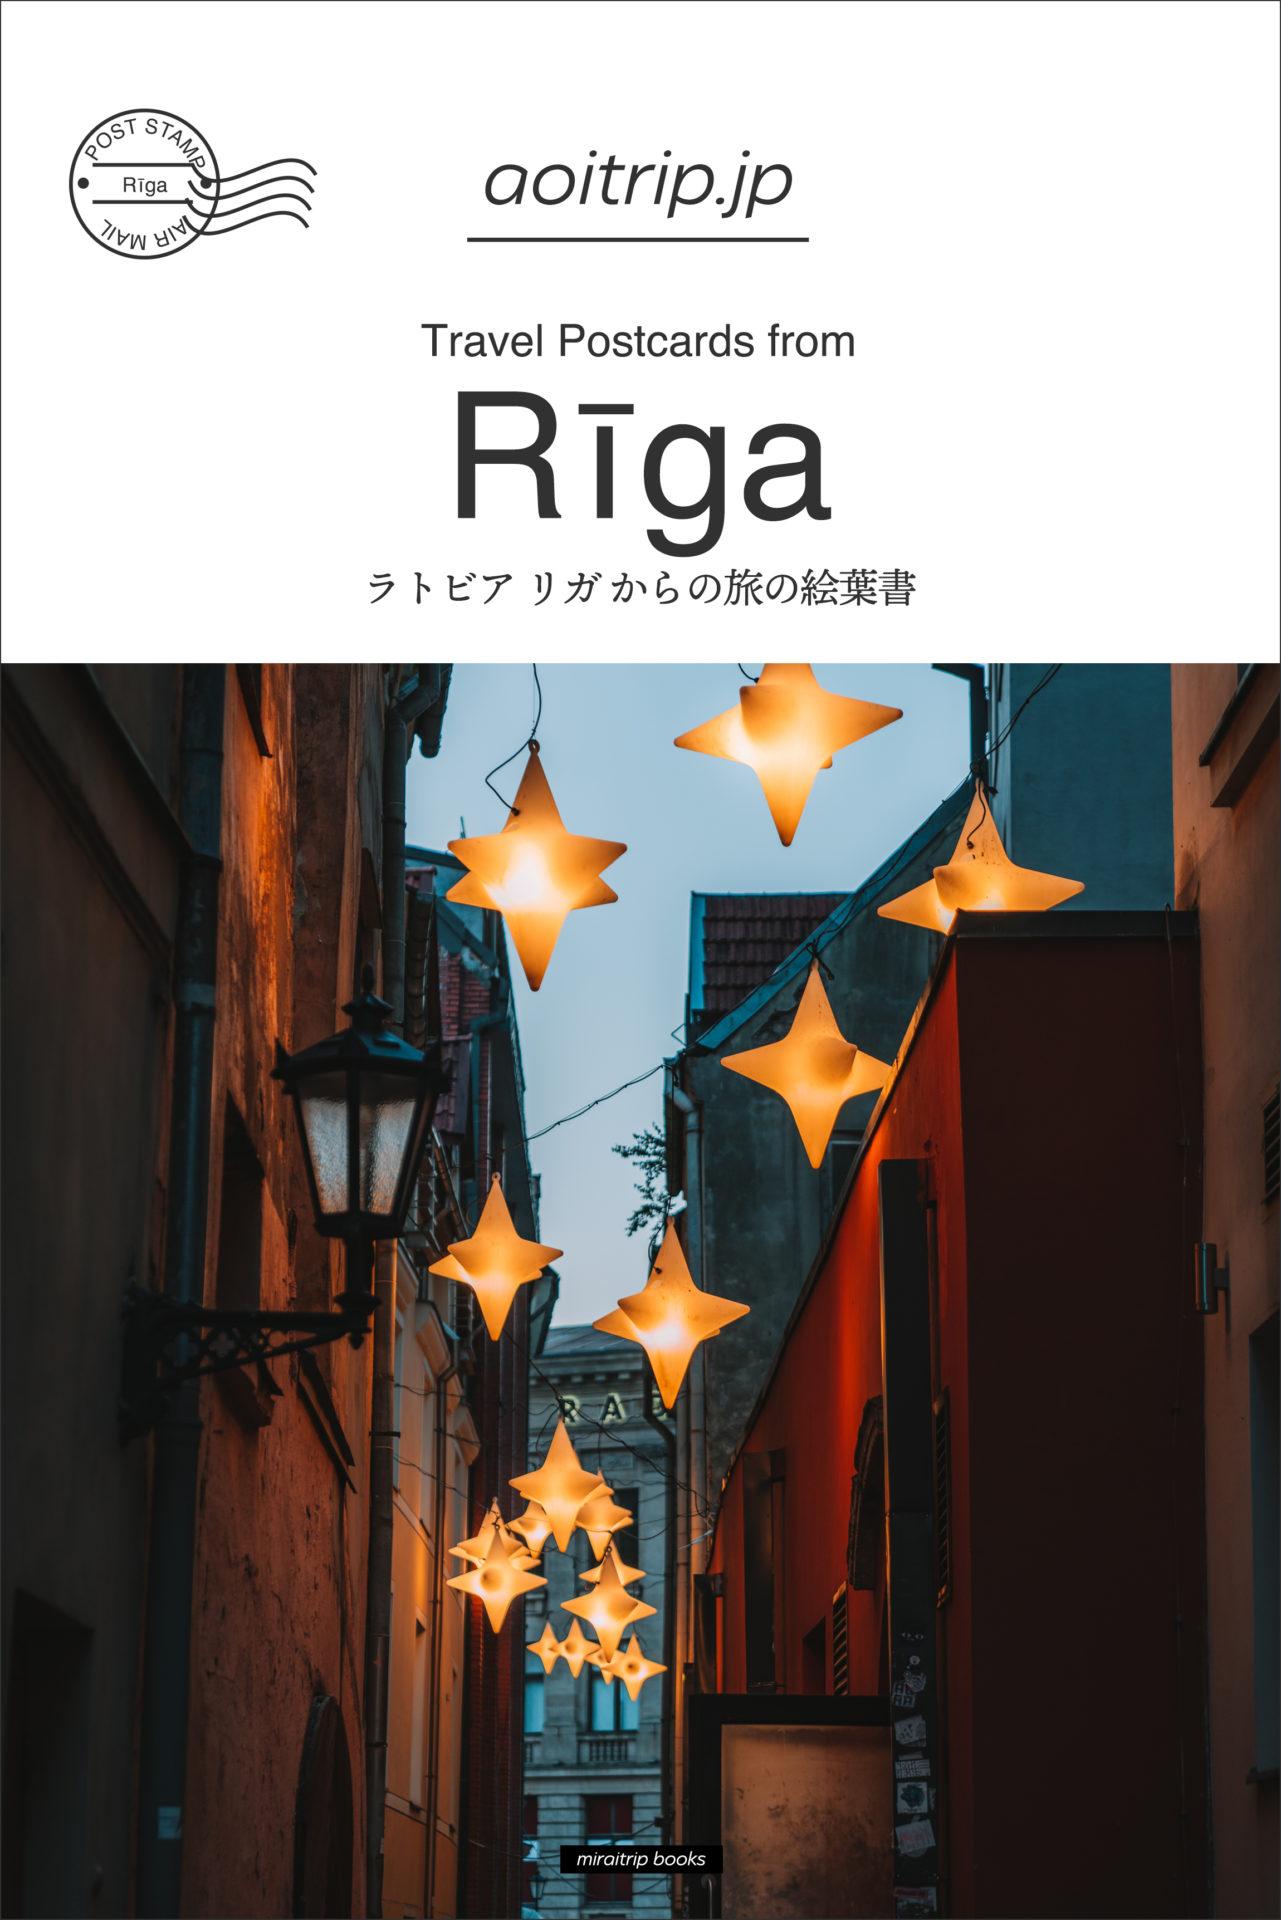 ラトビア リガからの旅の絵葉書 Travel Postcards from Rīga, Latvia